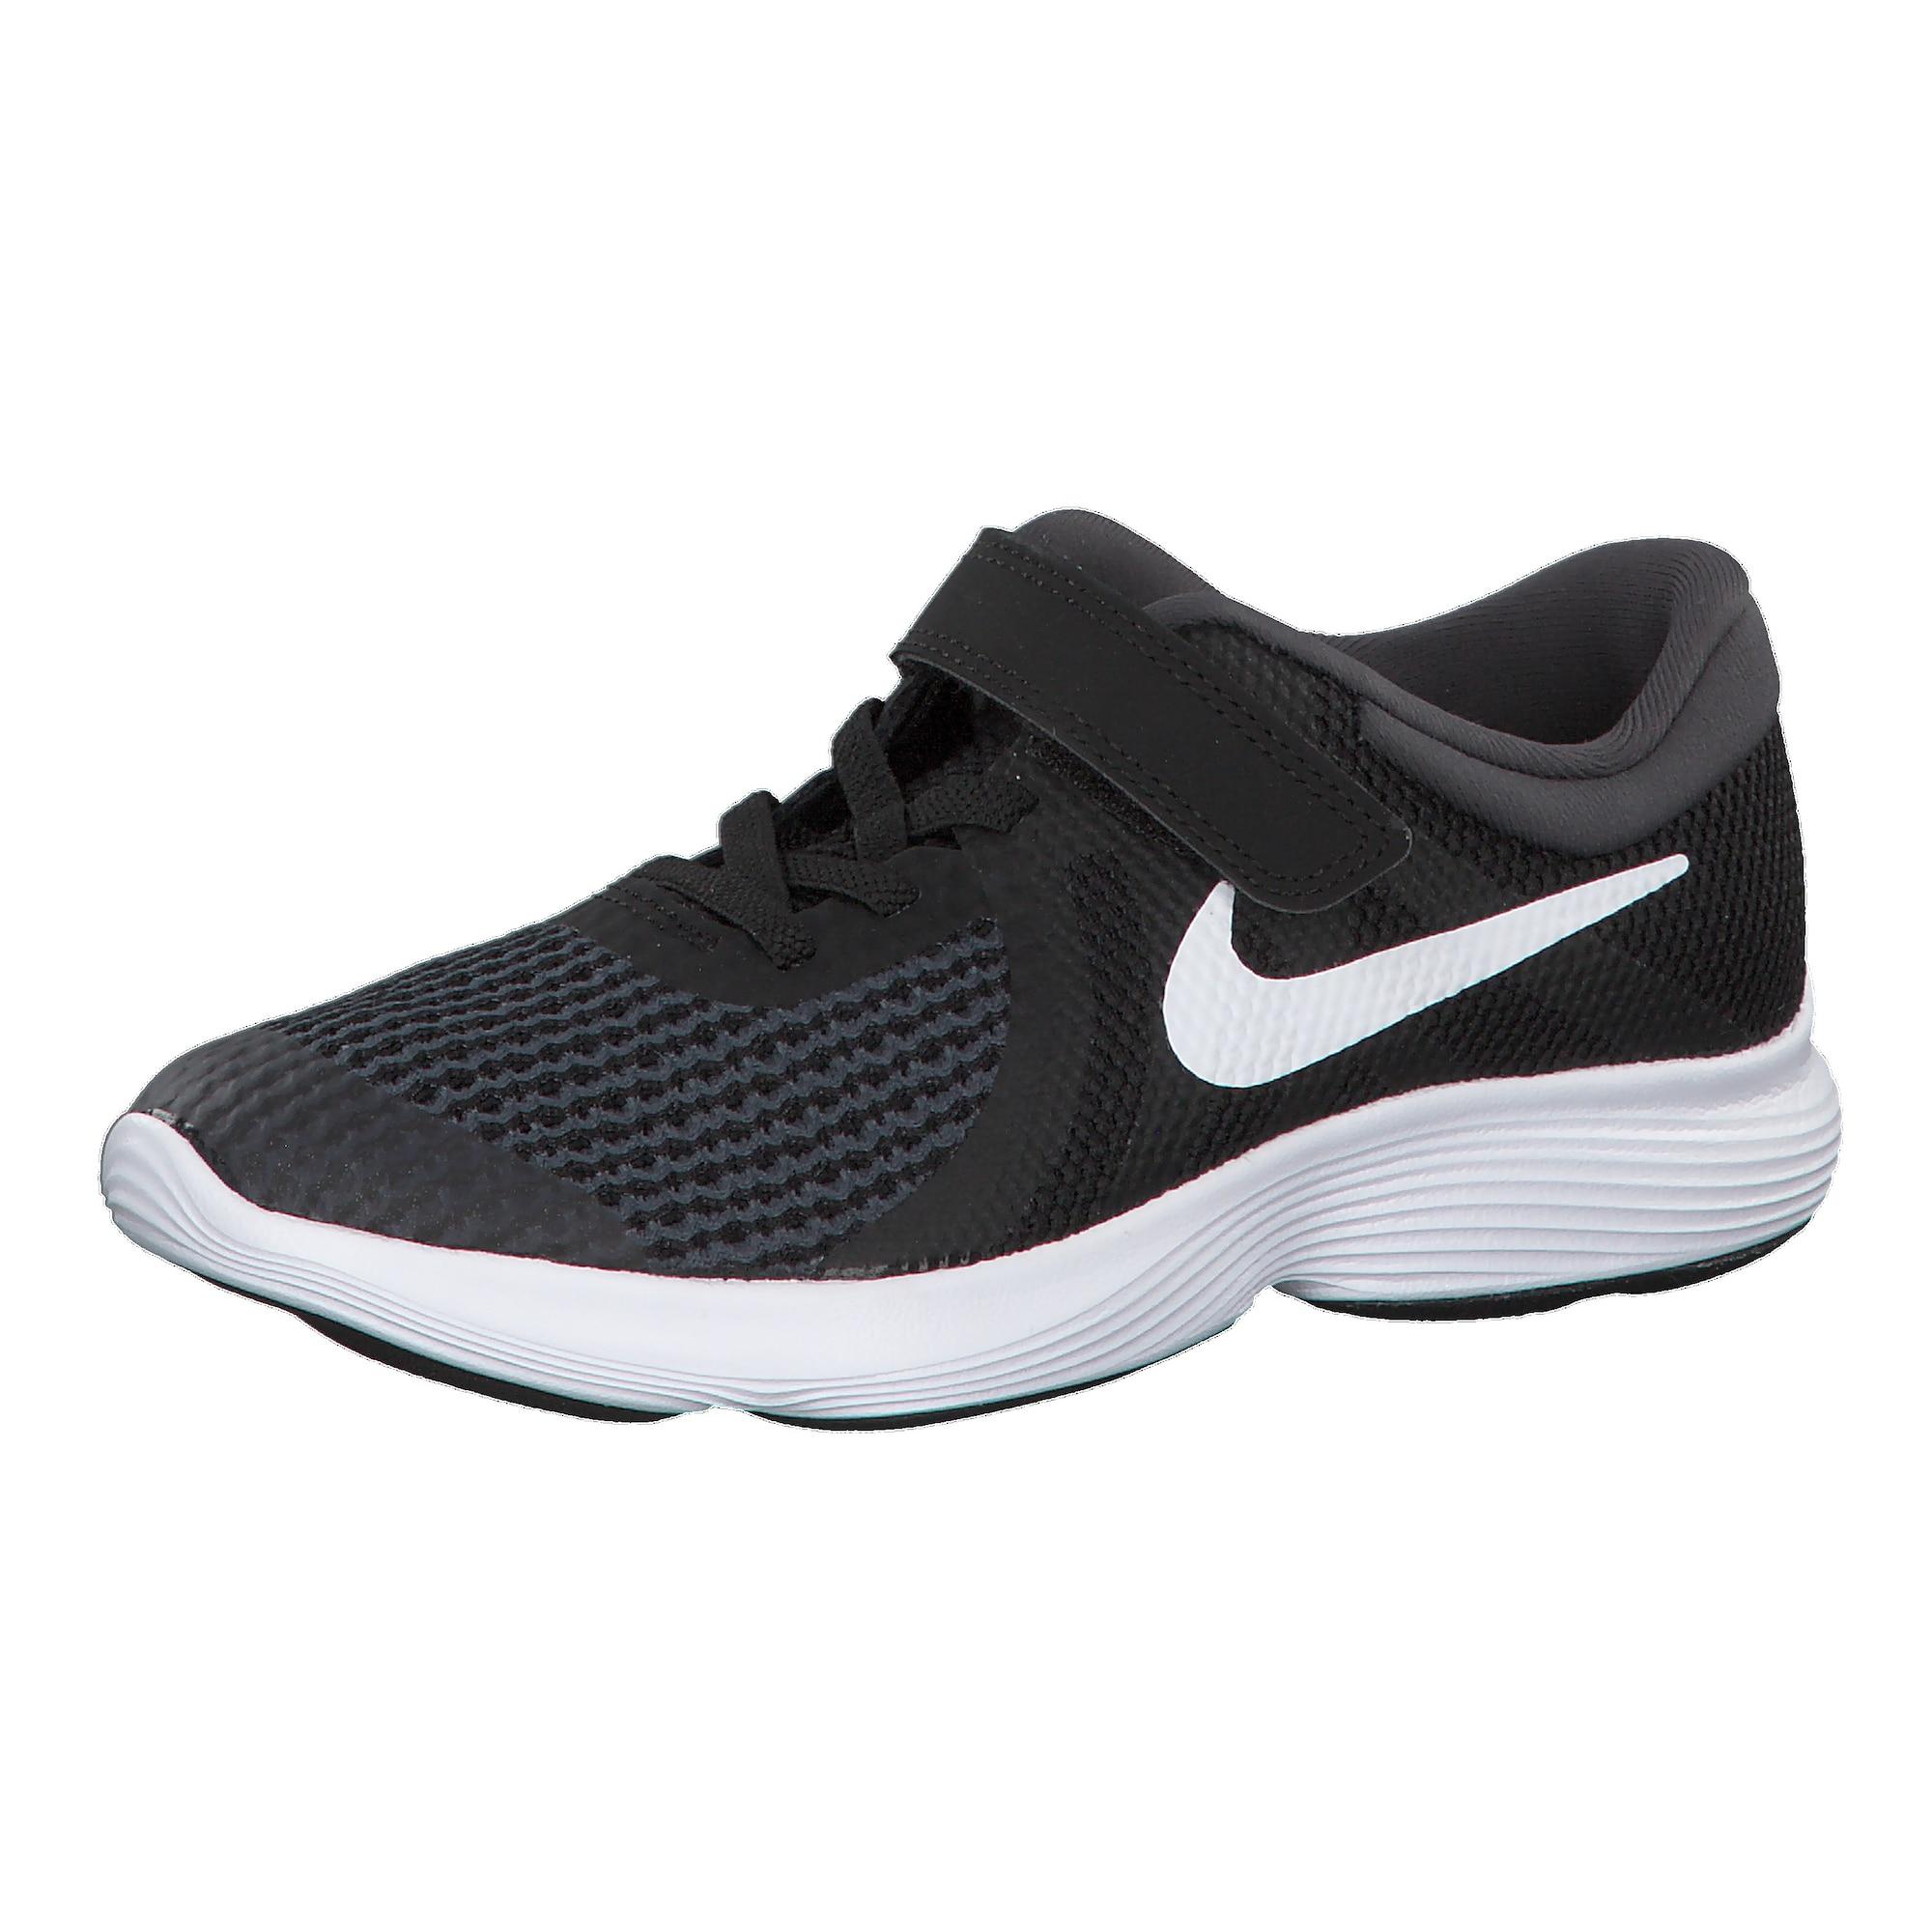 Sportovní boty Revolution 4 černá bílá NIKE